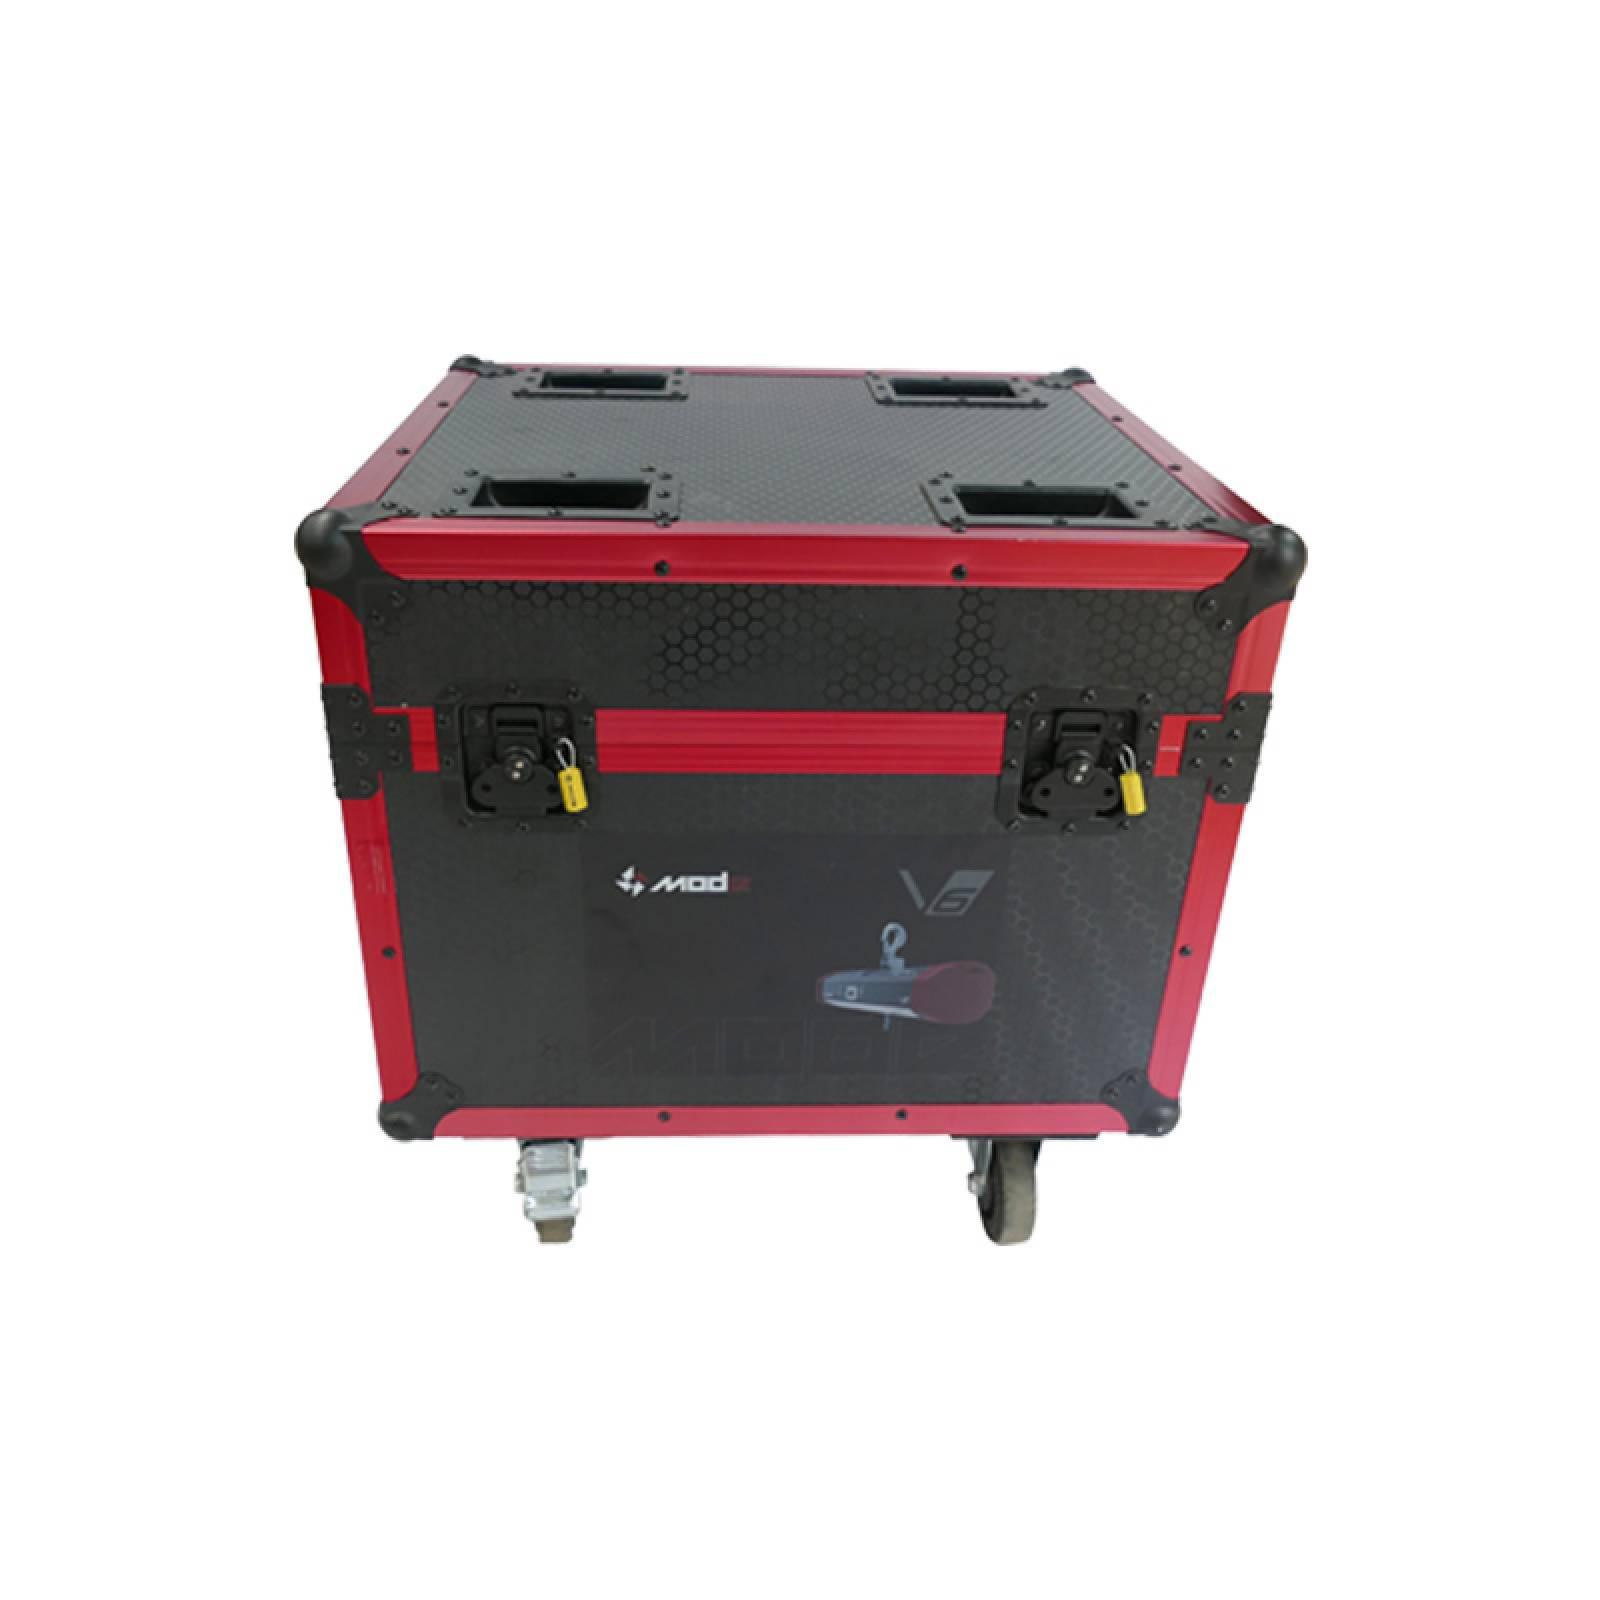 Estuche Caja Dura para Polipasto Electrico V6-R Mode Hoist